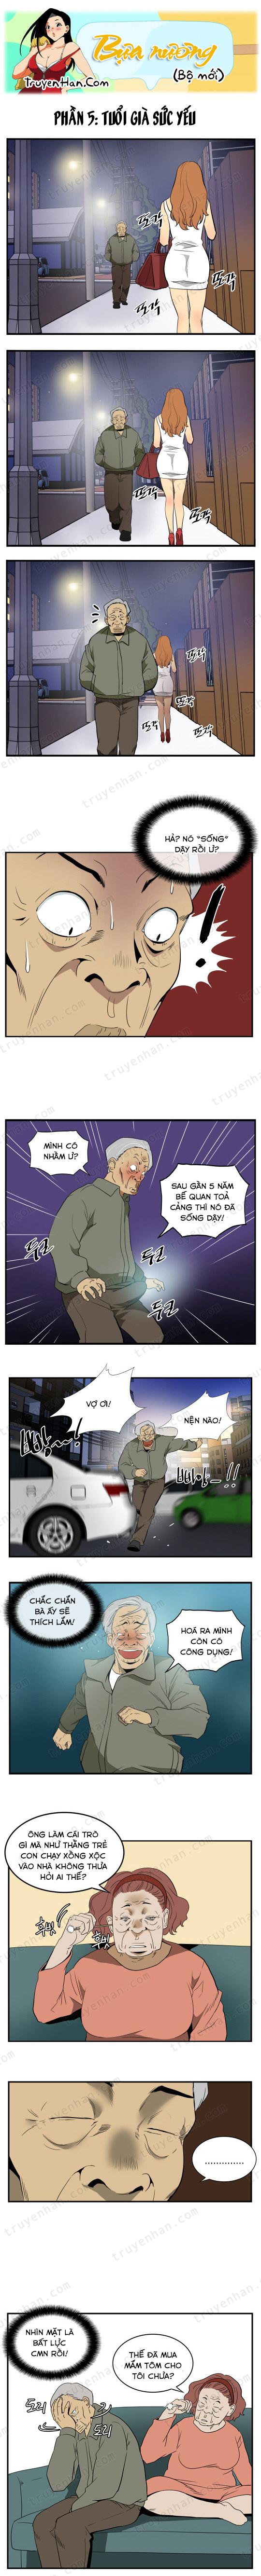 Bựa nương (bộ mới) phần 5: Tuổi già sức yếu